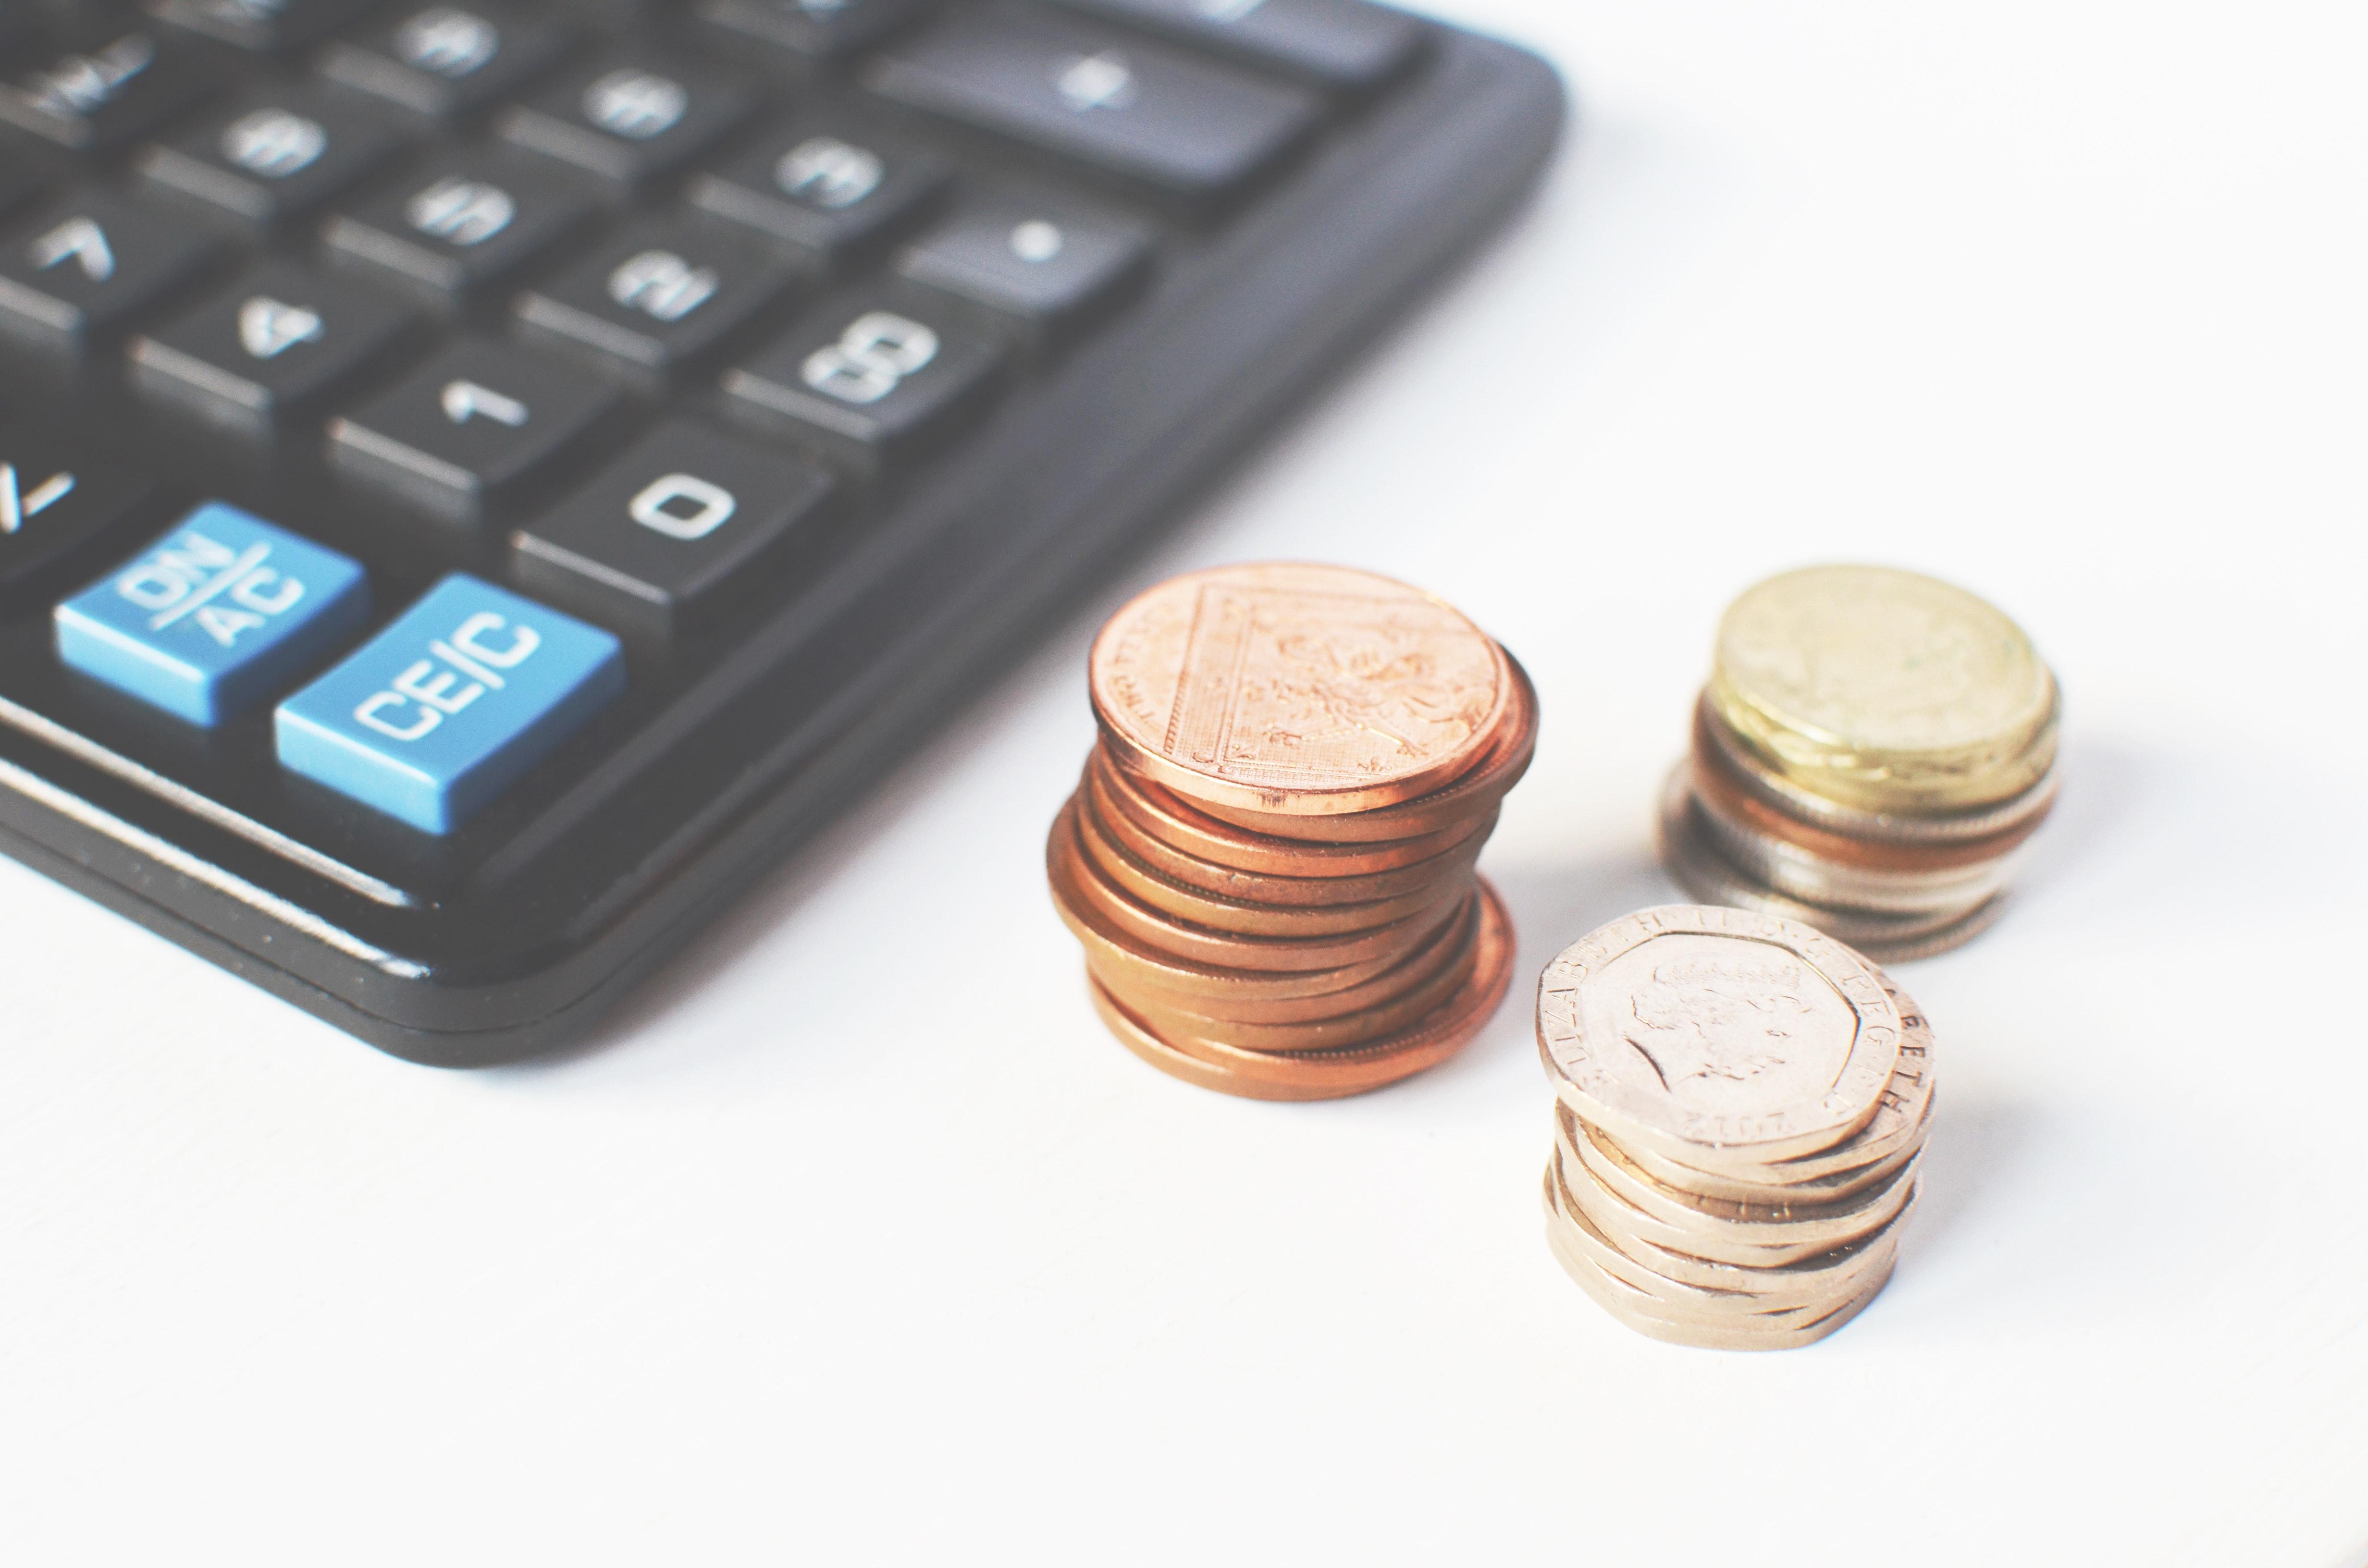 En kalkulator og mynter